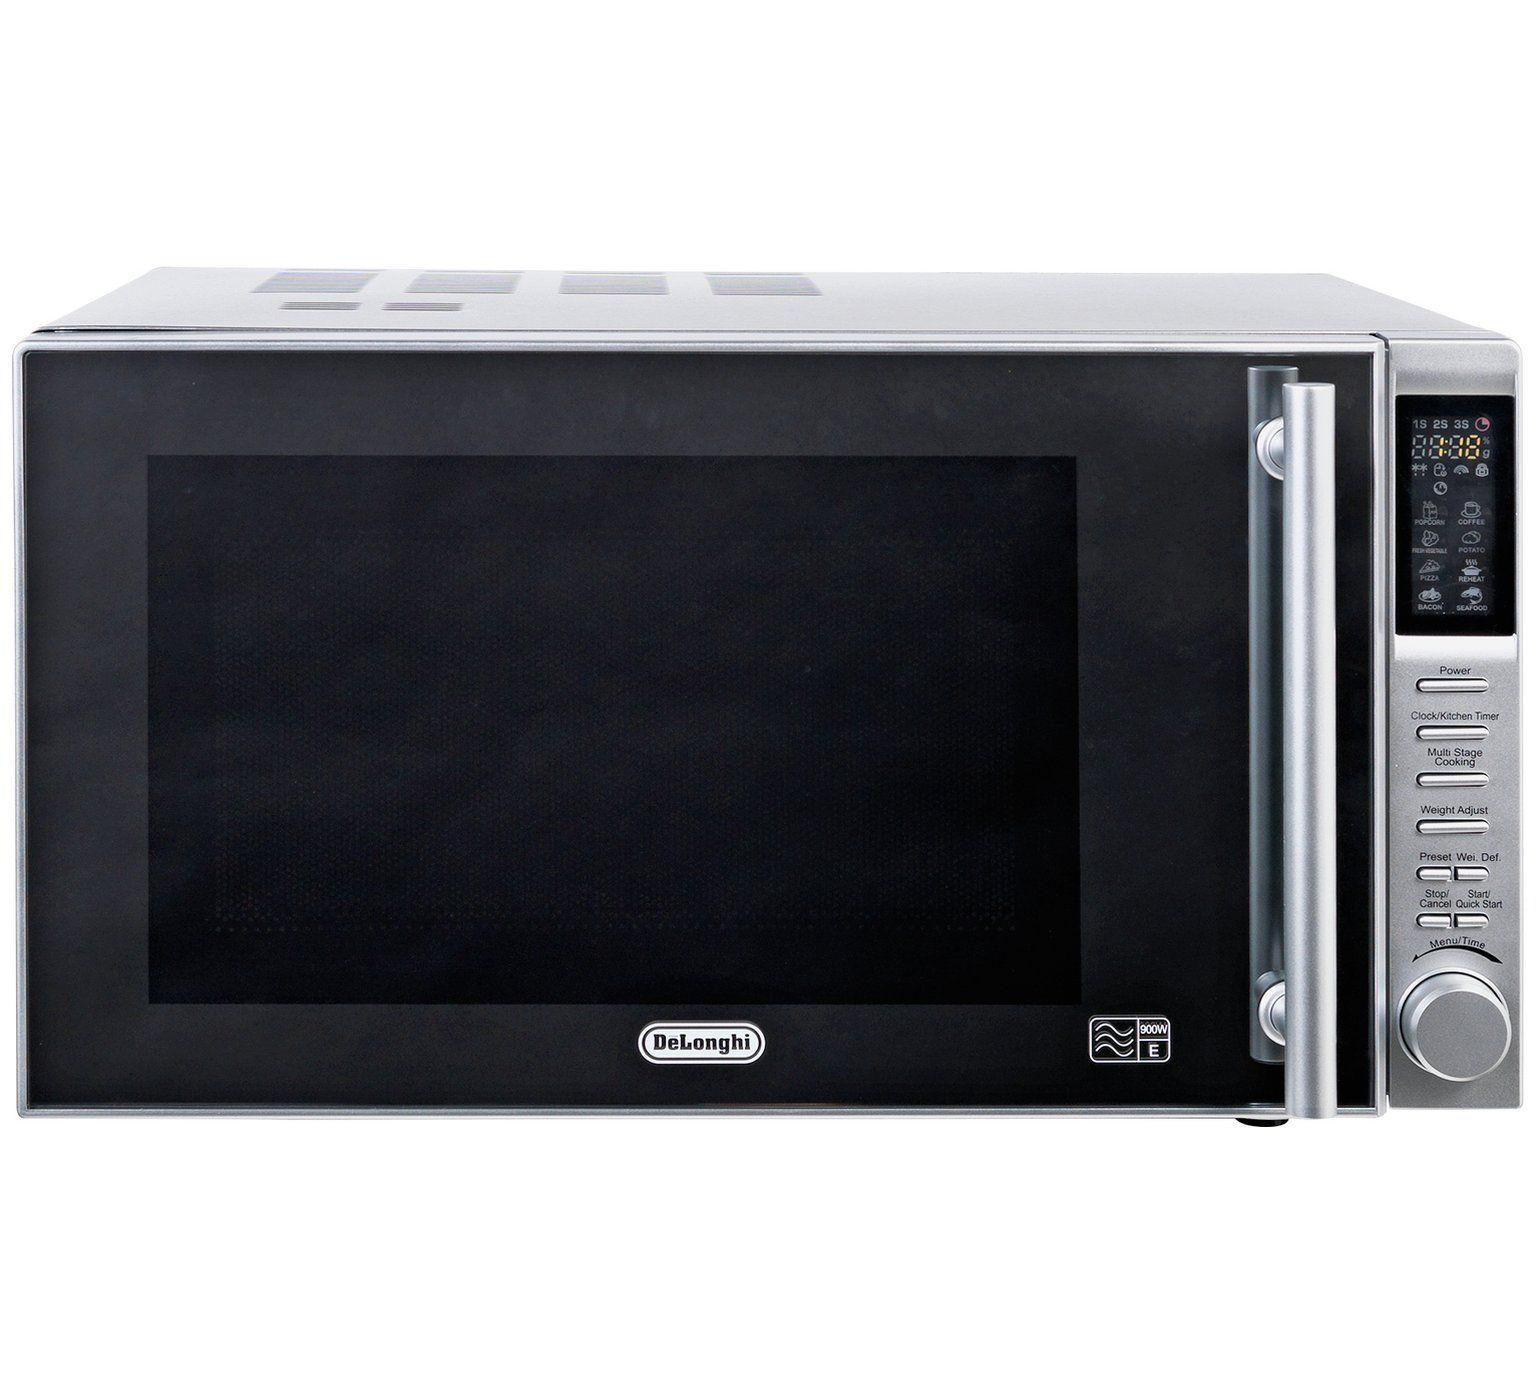 De Longhi 900w Standard Microwave P90b1b Stainless Steel Microwaves Argos